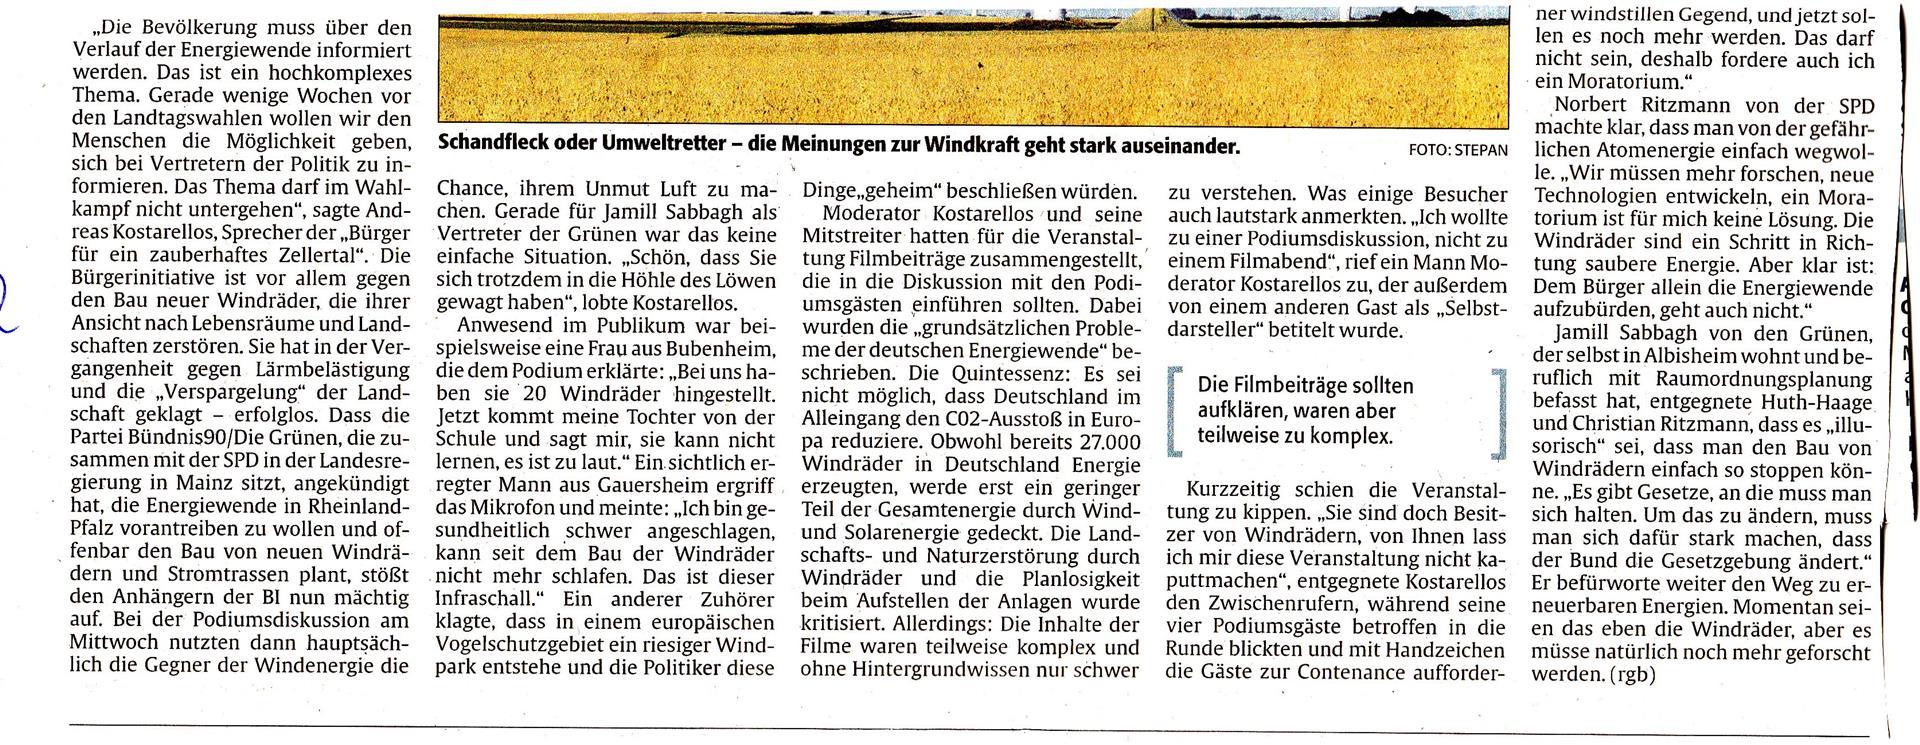 Rheinpfalz 20.2.2016 Veranstaltung Kibo 1